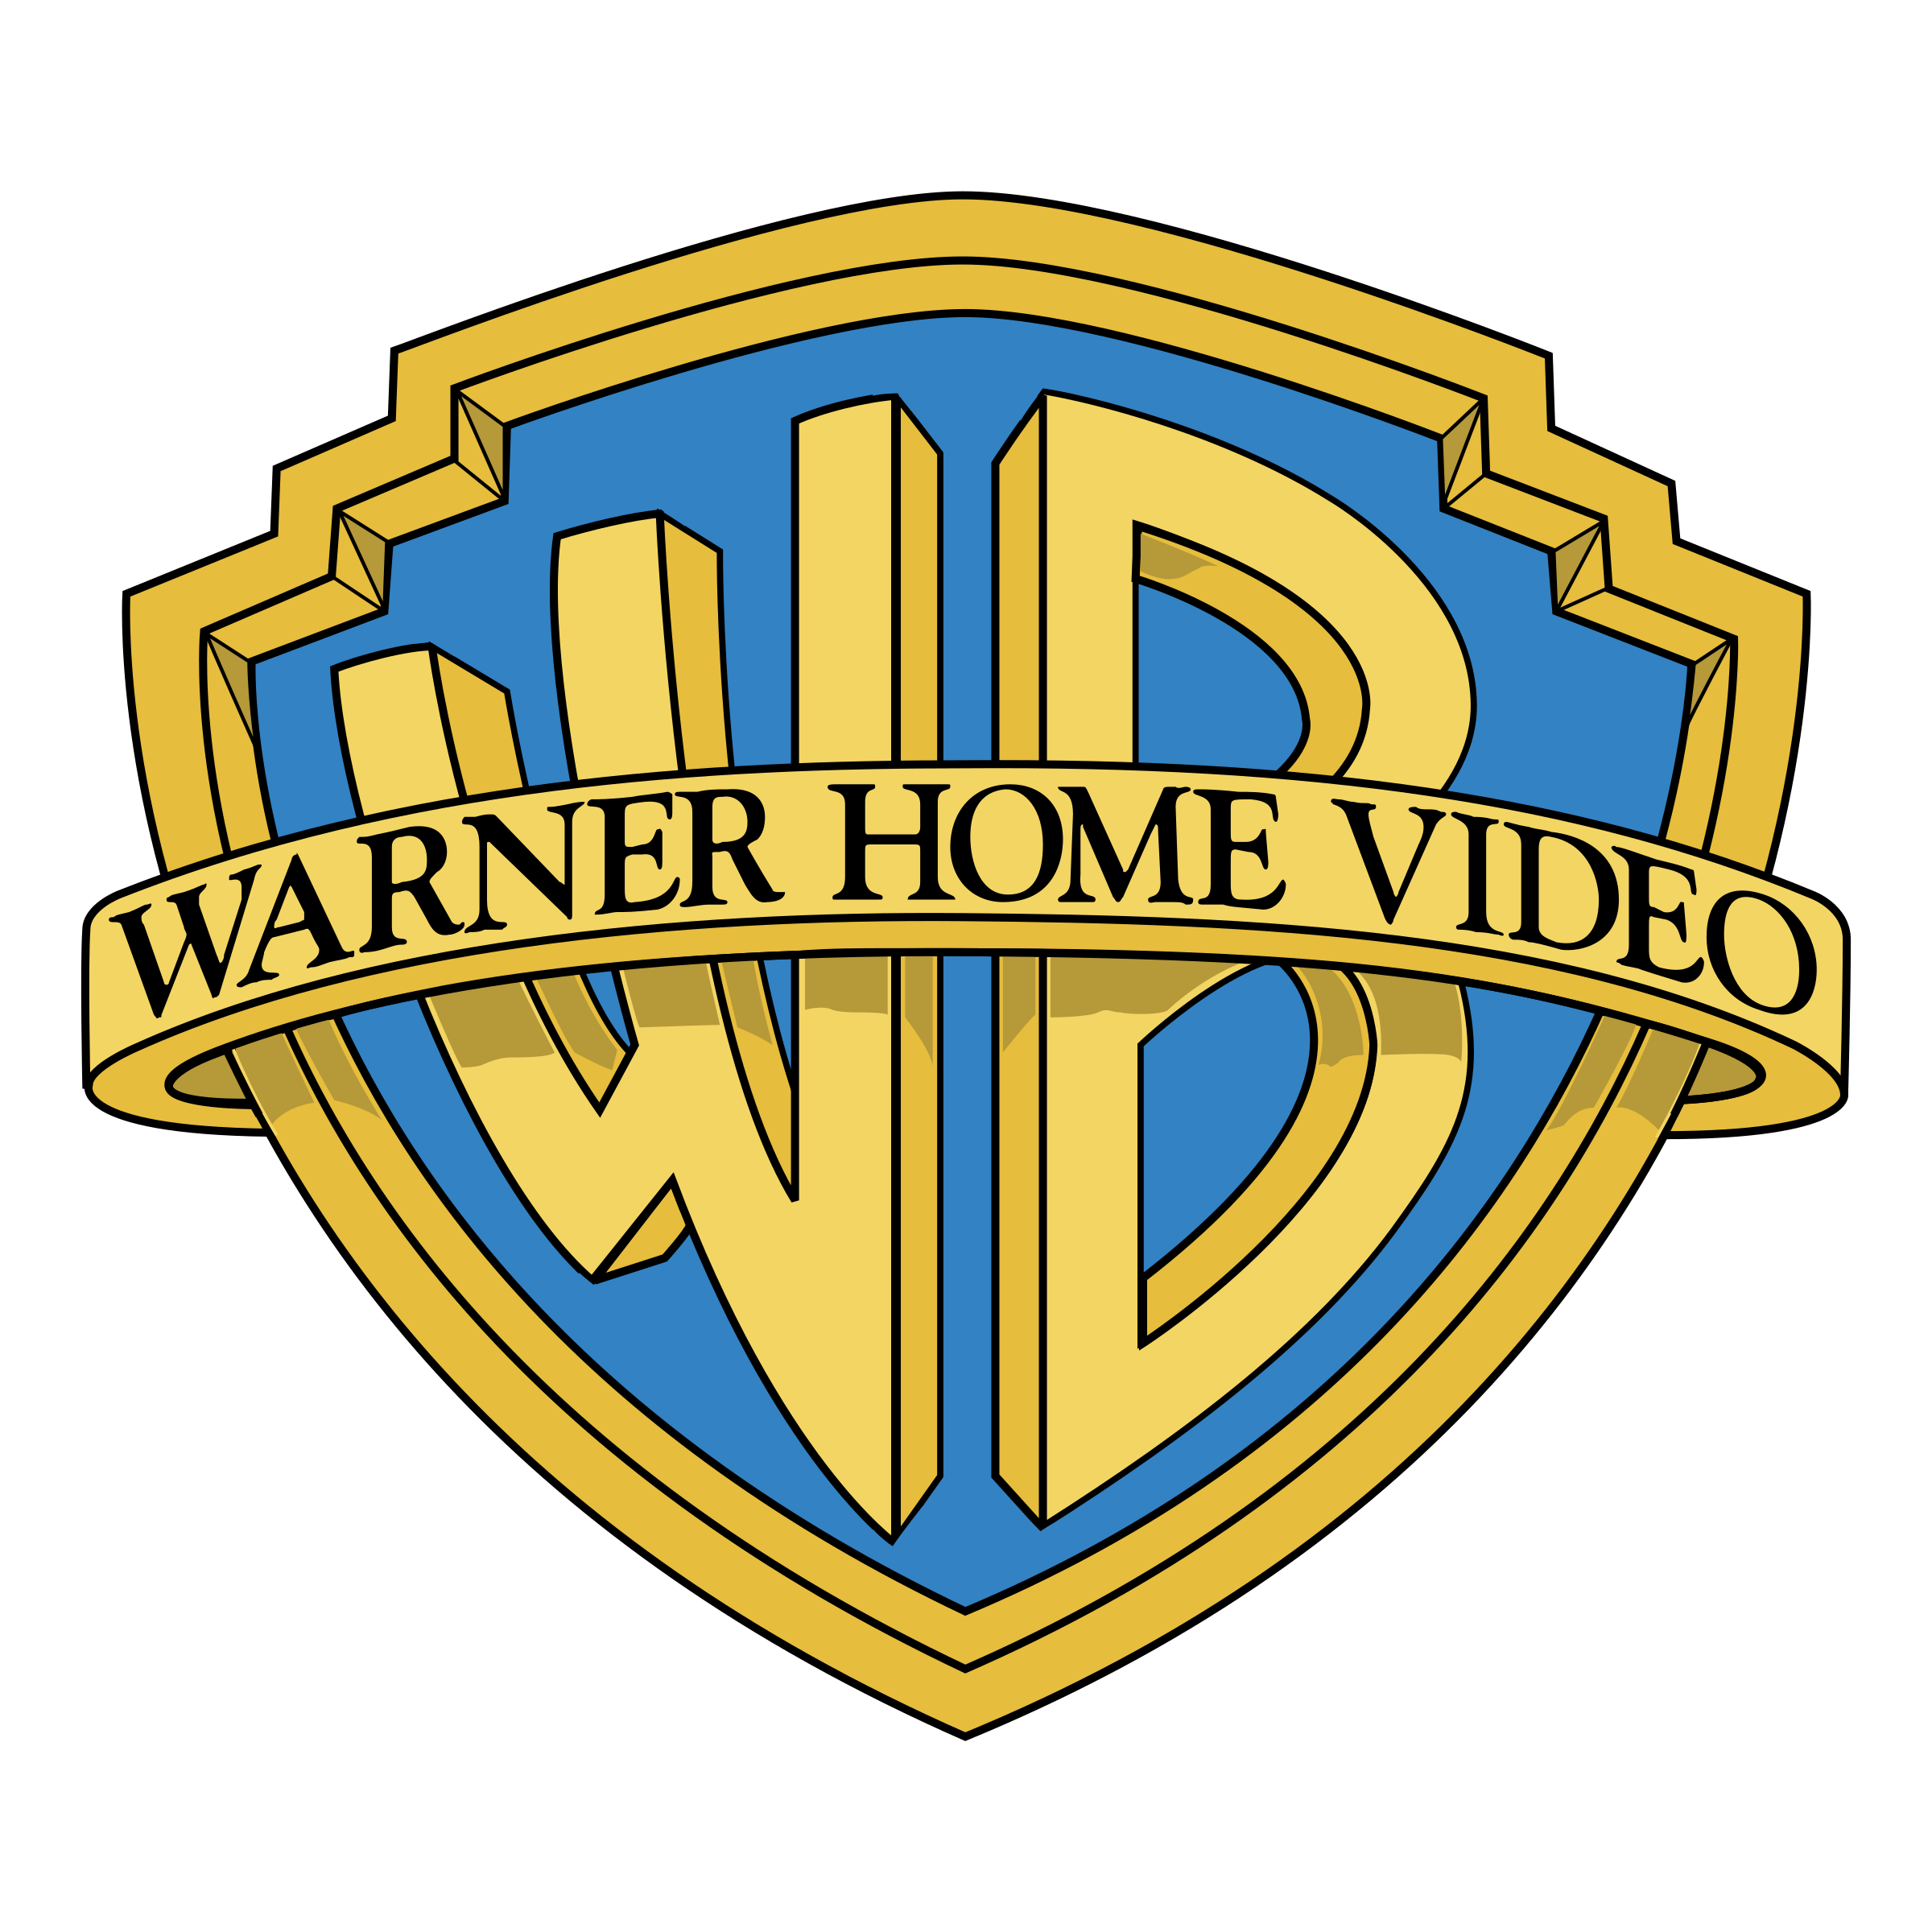 Warner Home Video Logo PNG Transparent & SVG Vector ...Logo Png Image Home